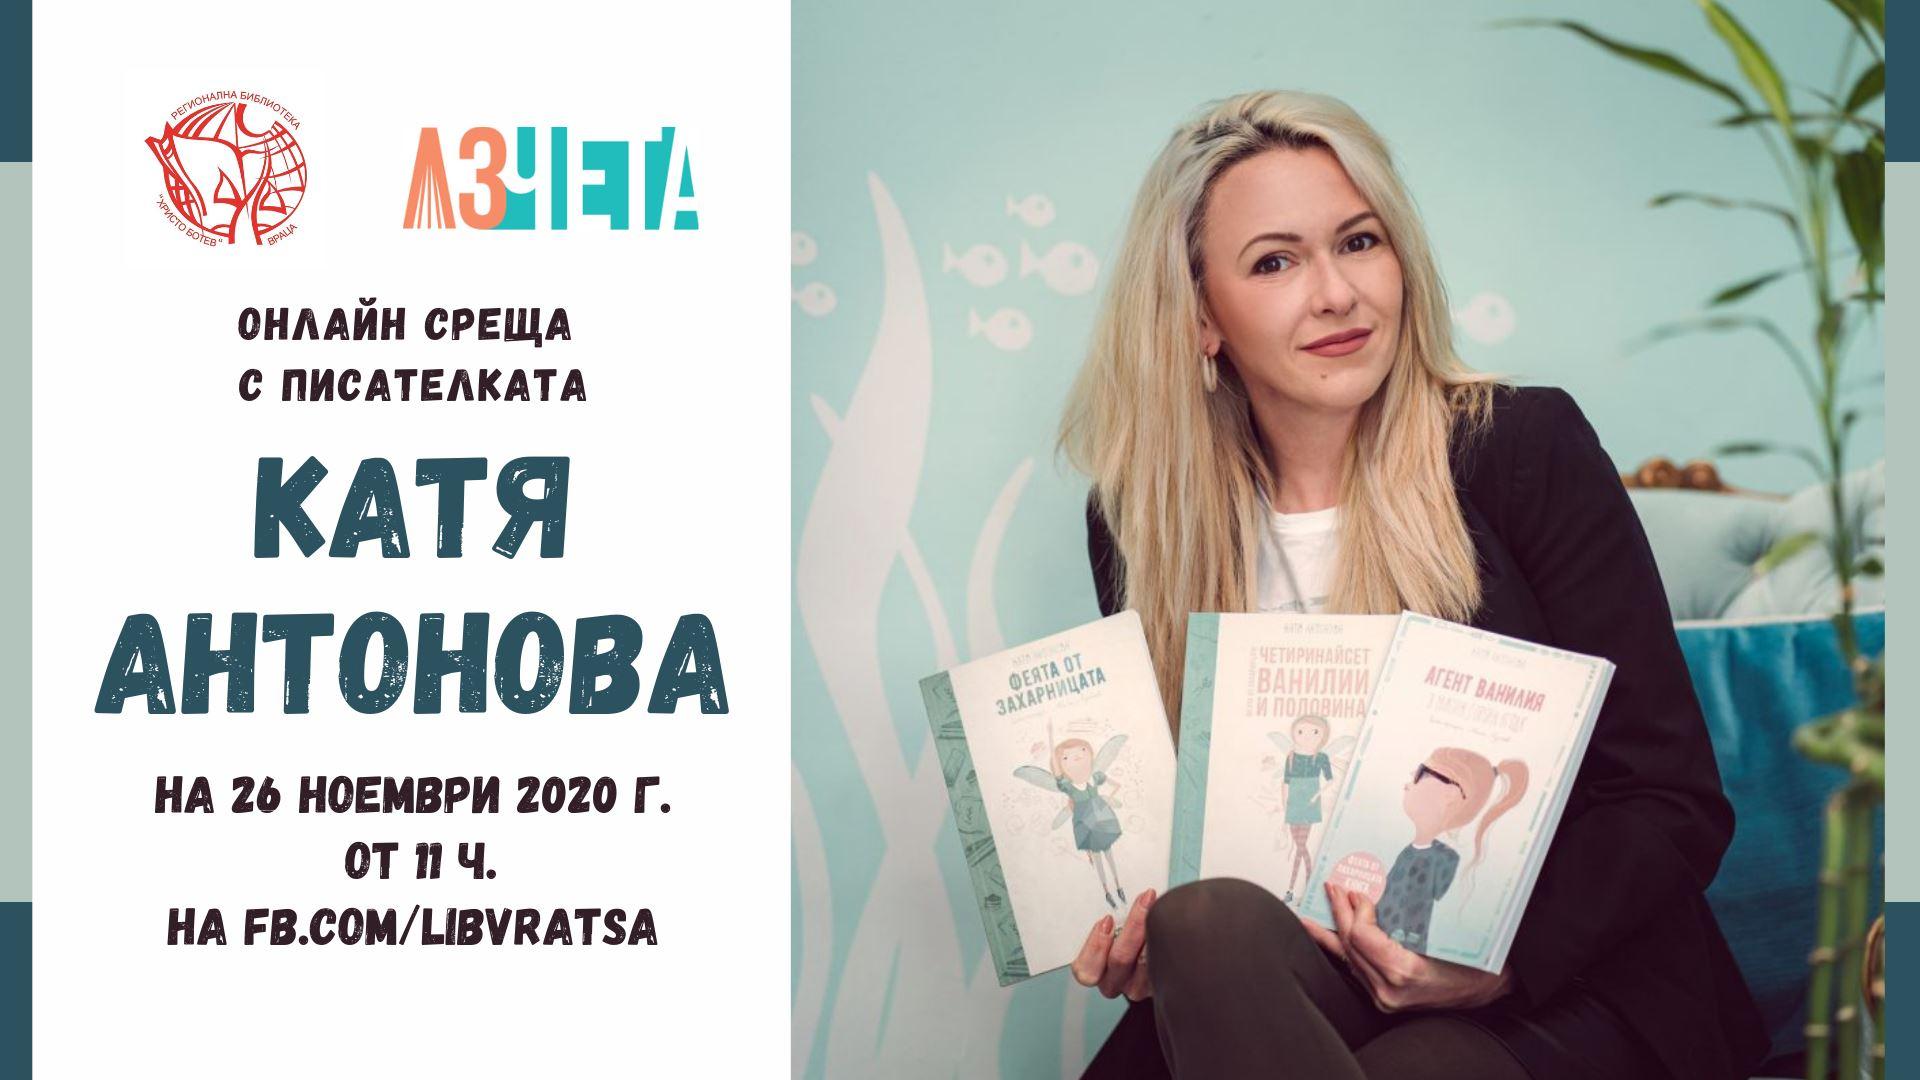 """""""Аз чета"""" и врачанската библиотека представят Катя Антонова"""